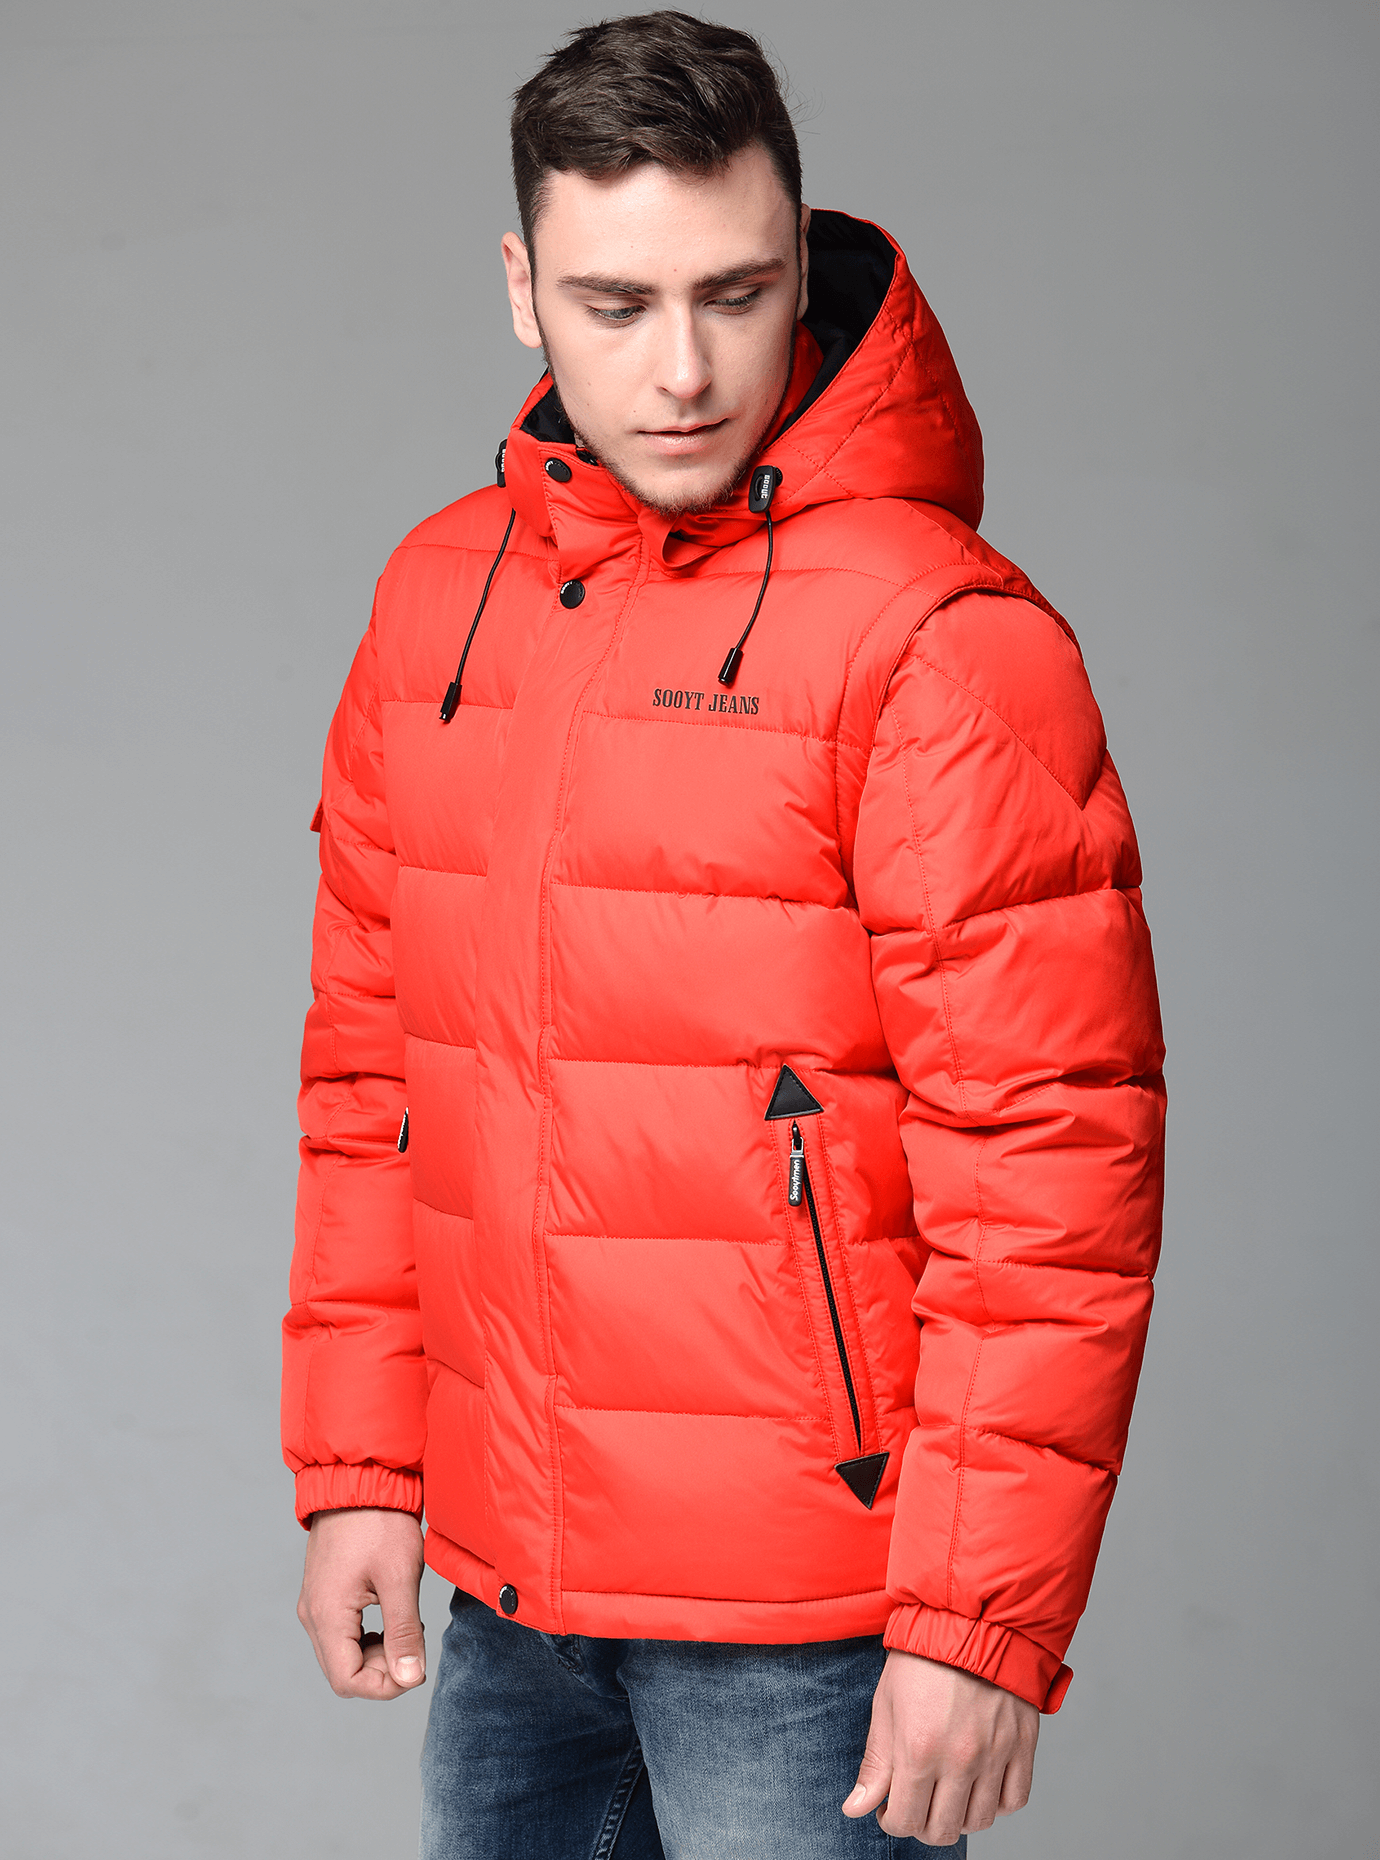 Мужская куртка зимняя яркая Красный 46 (02-MS1901214): фото - Alster.ua